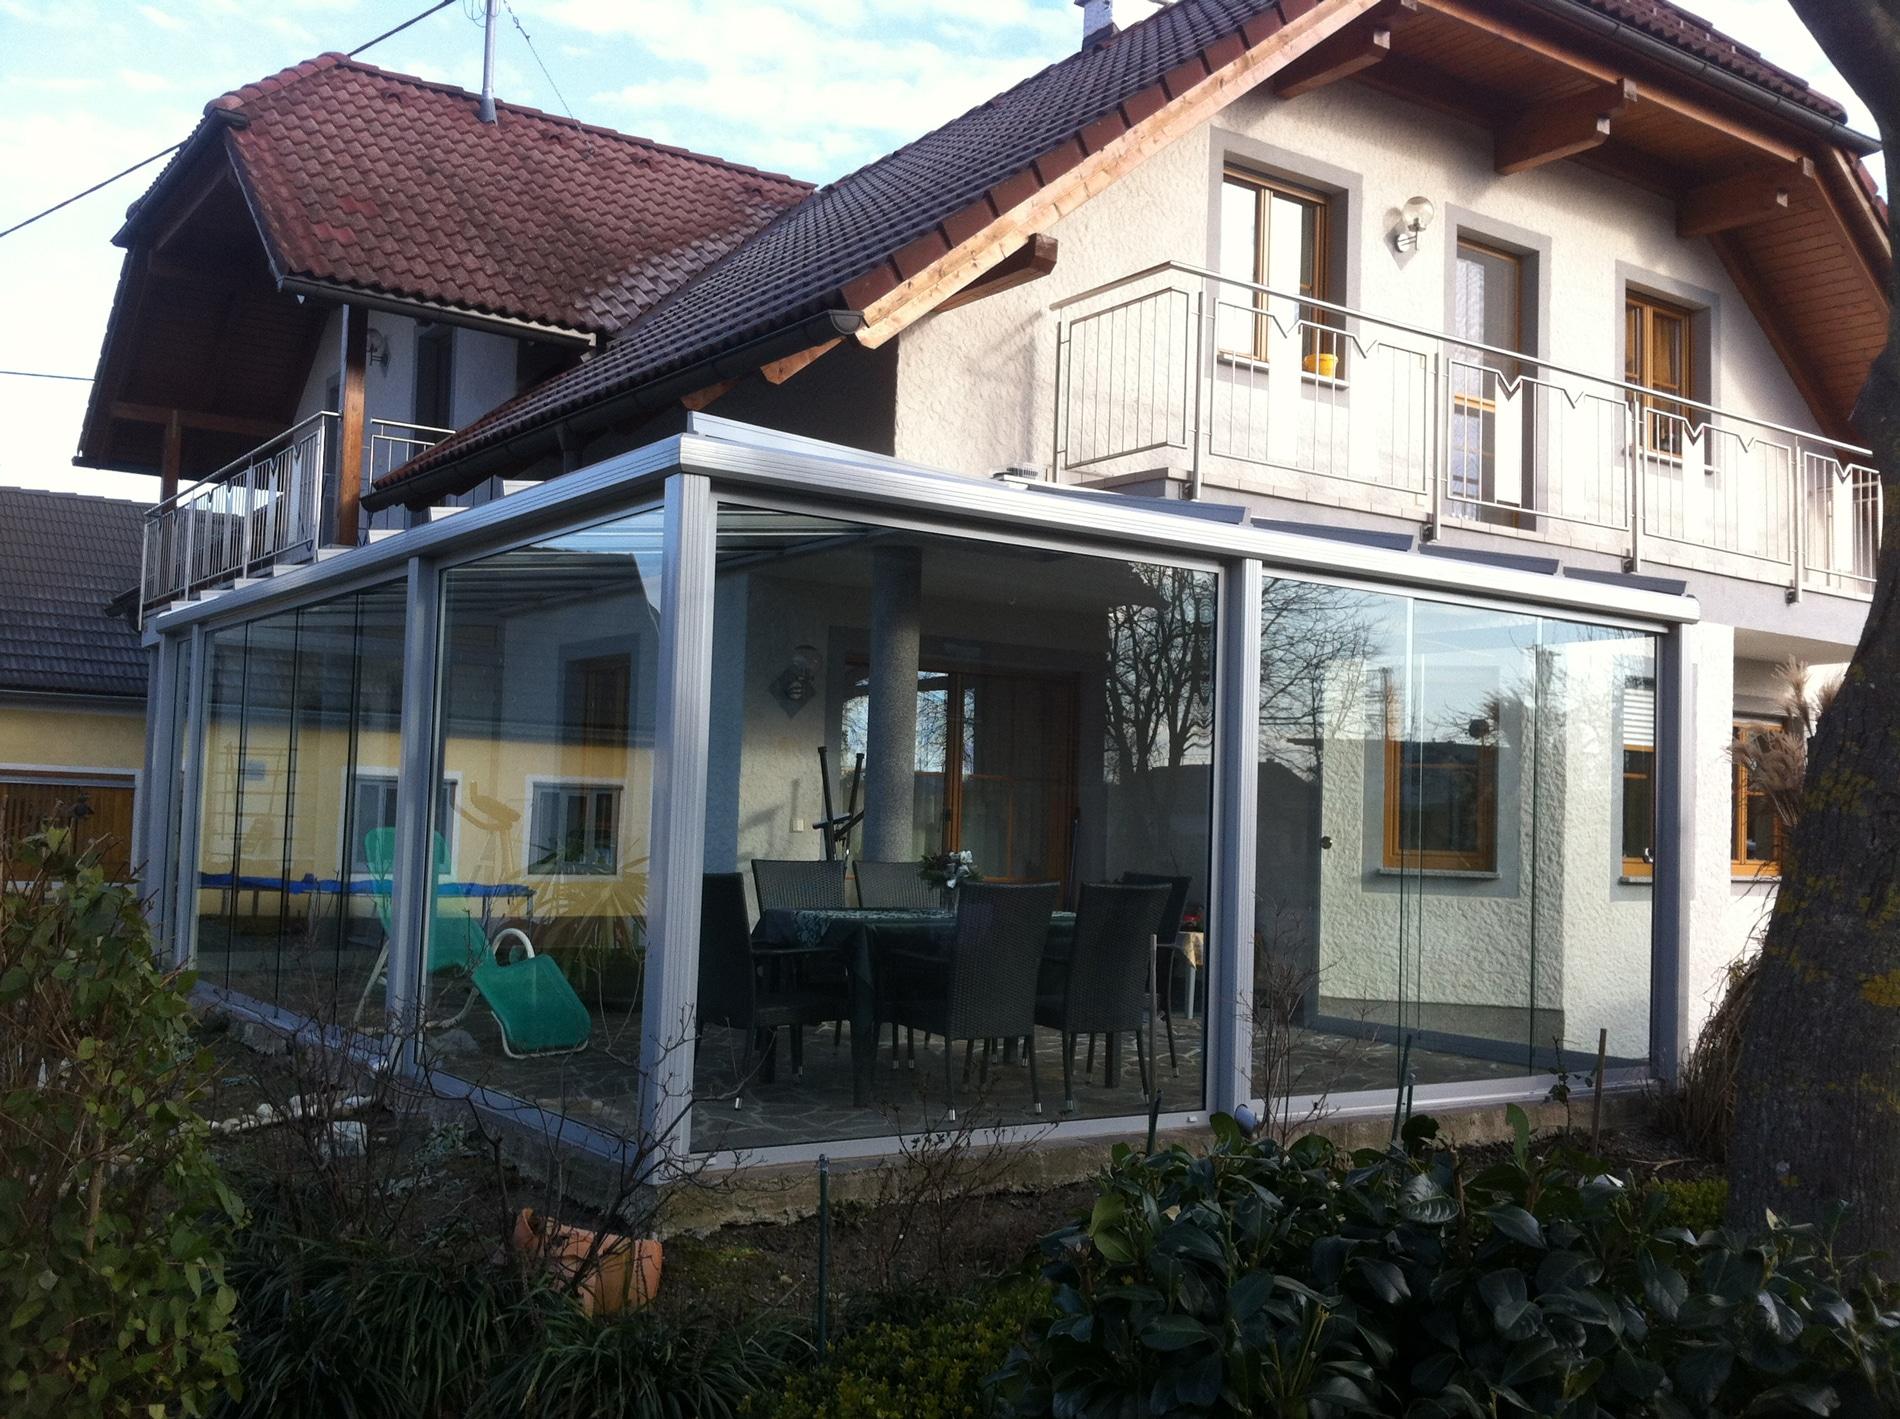 Gesch ftslokal mit nurglas konstruktion und schiebet r - Anbau wintergarten ...